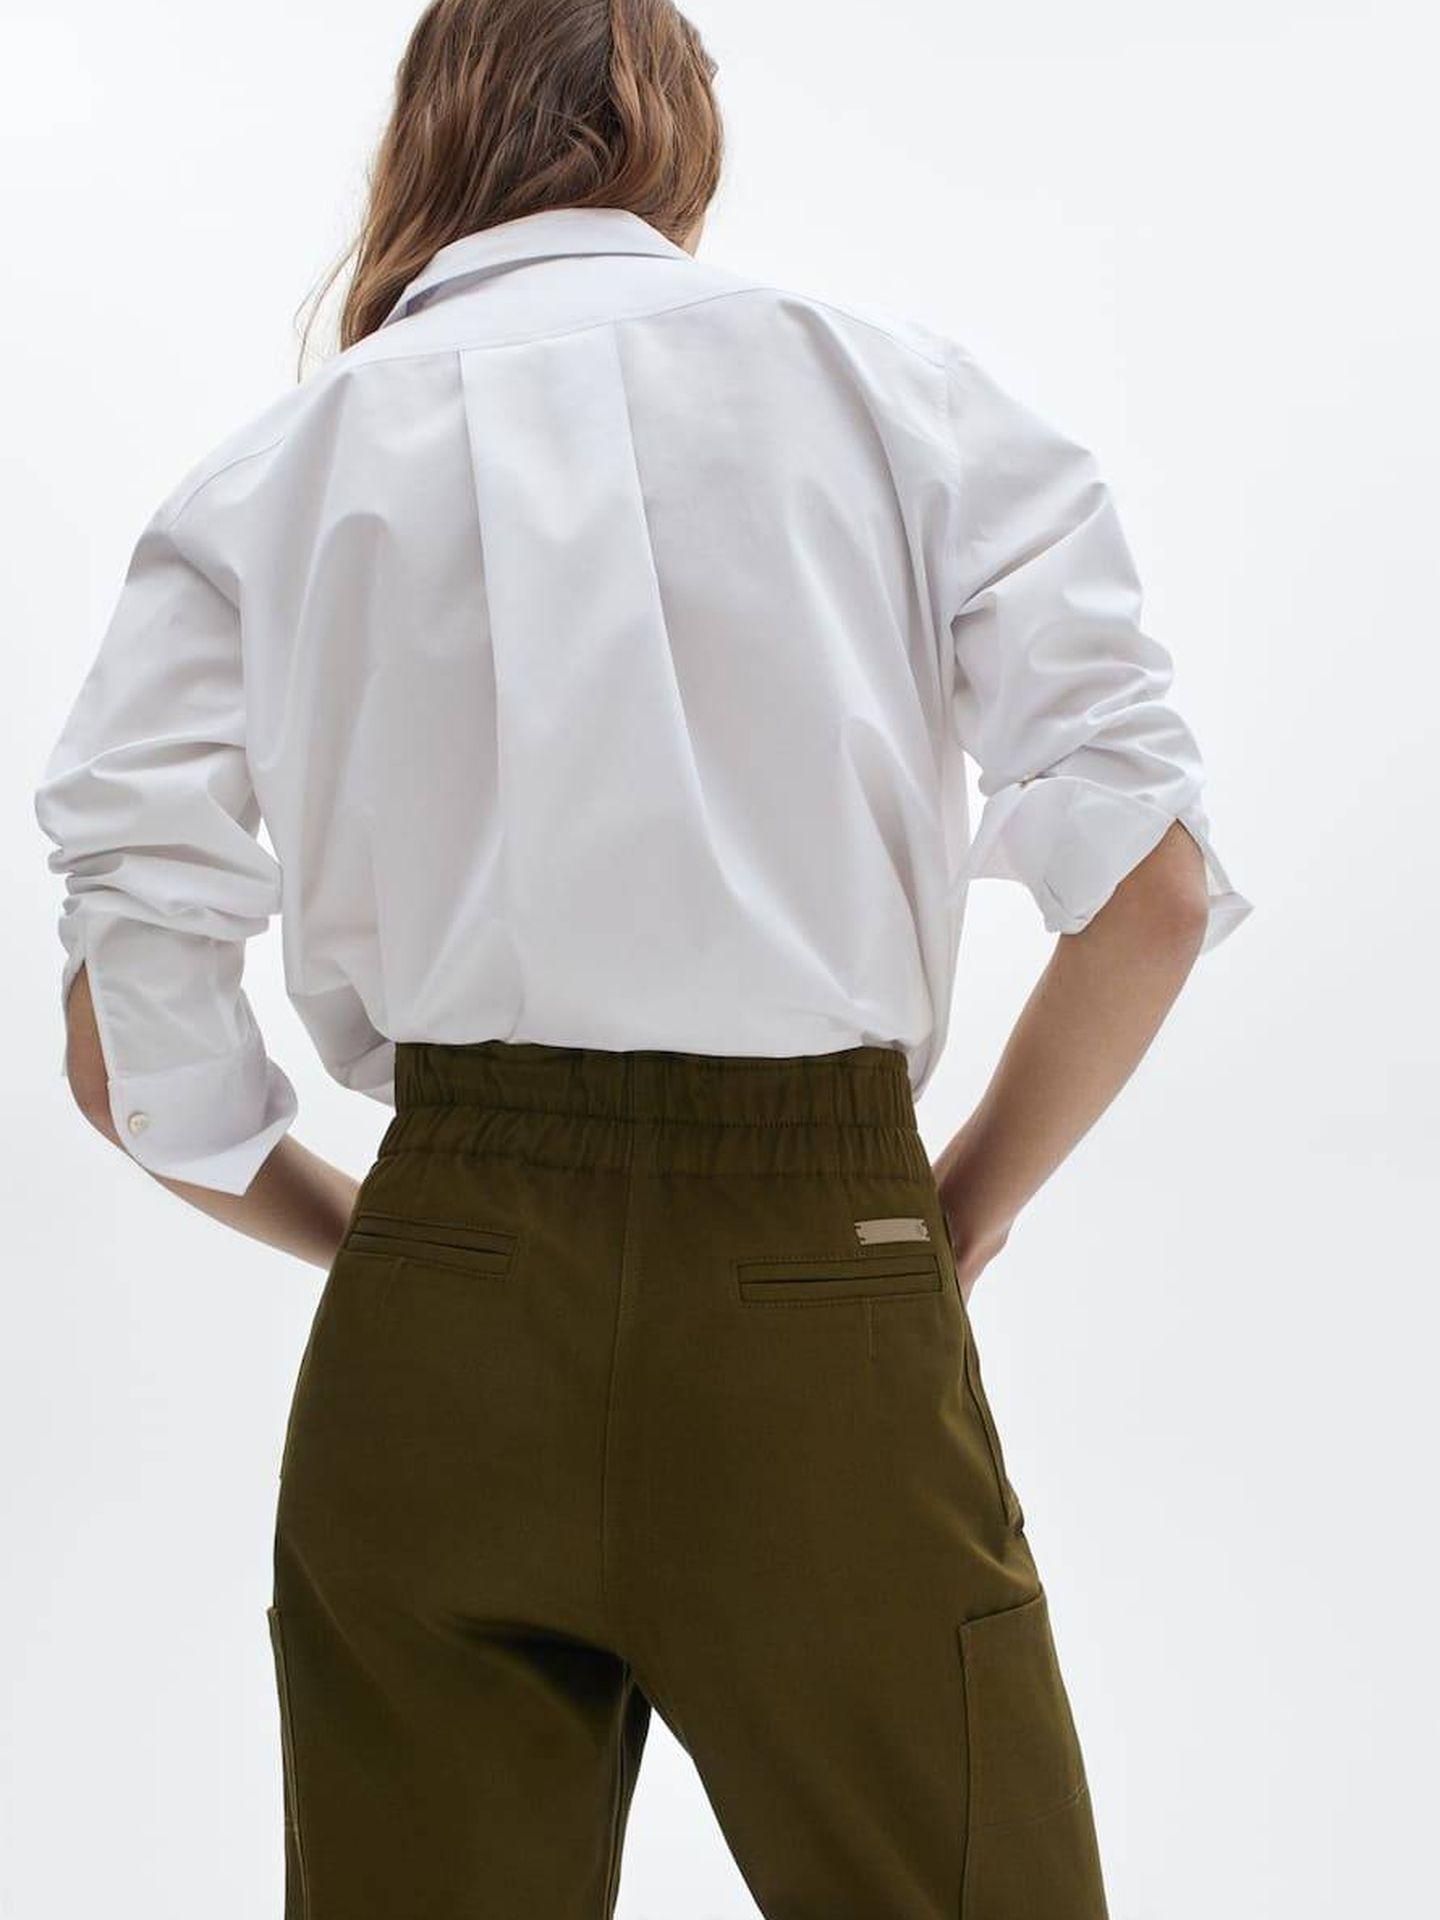 Pantalón cargo de Massimo Dutti. (Cortesía)